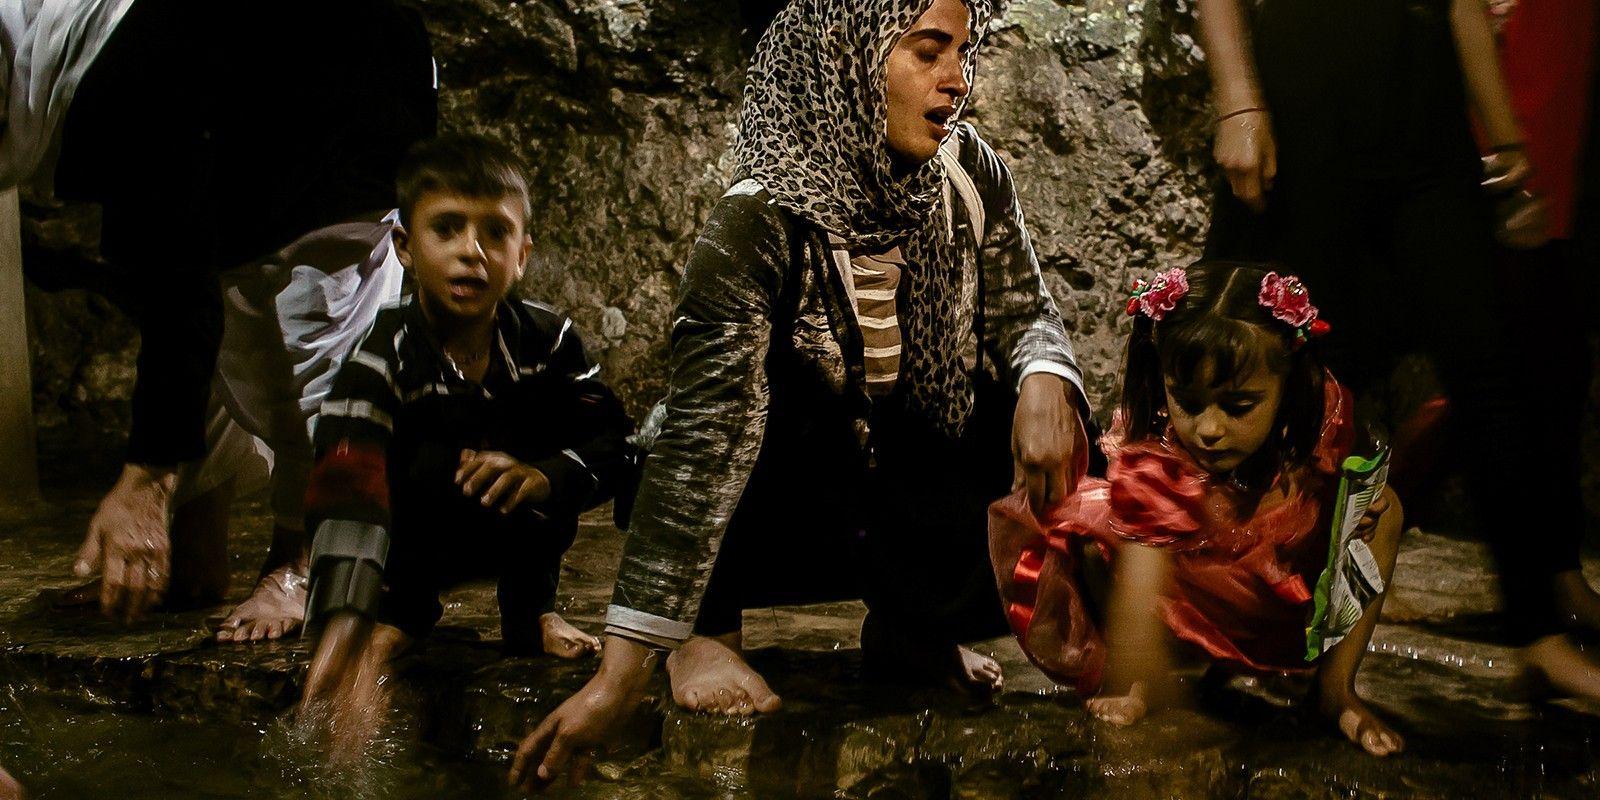 Ex-escravas sexuais do Isis, mulheres yazidis recuperam a fé e a dignidade